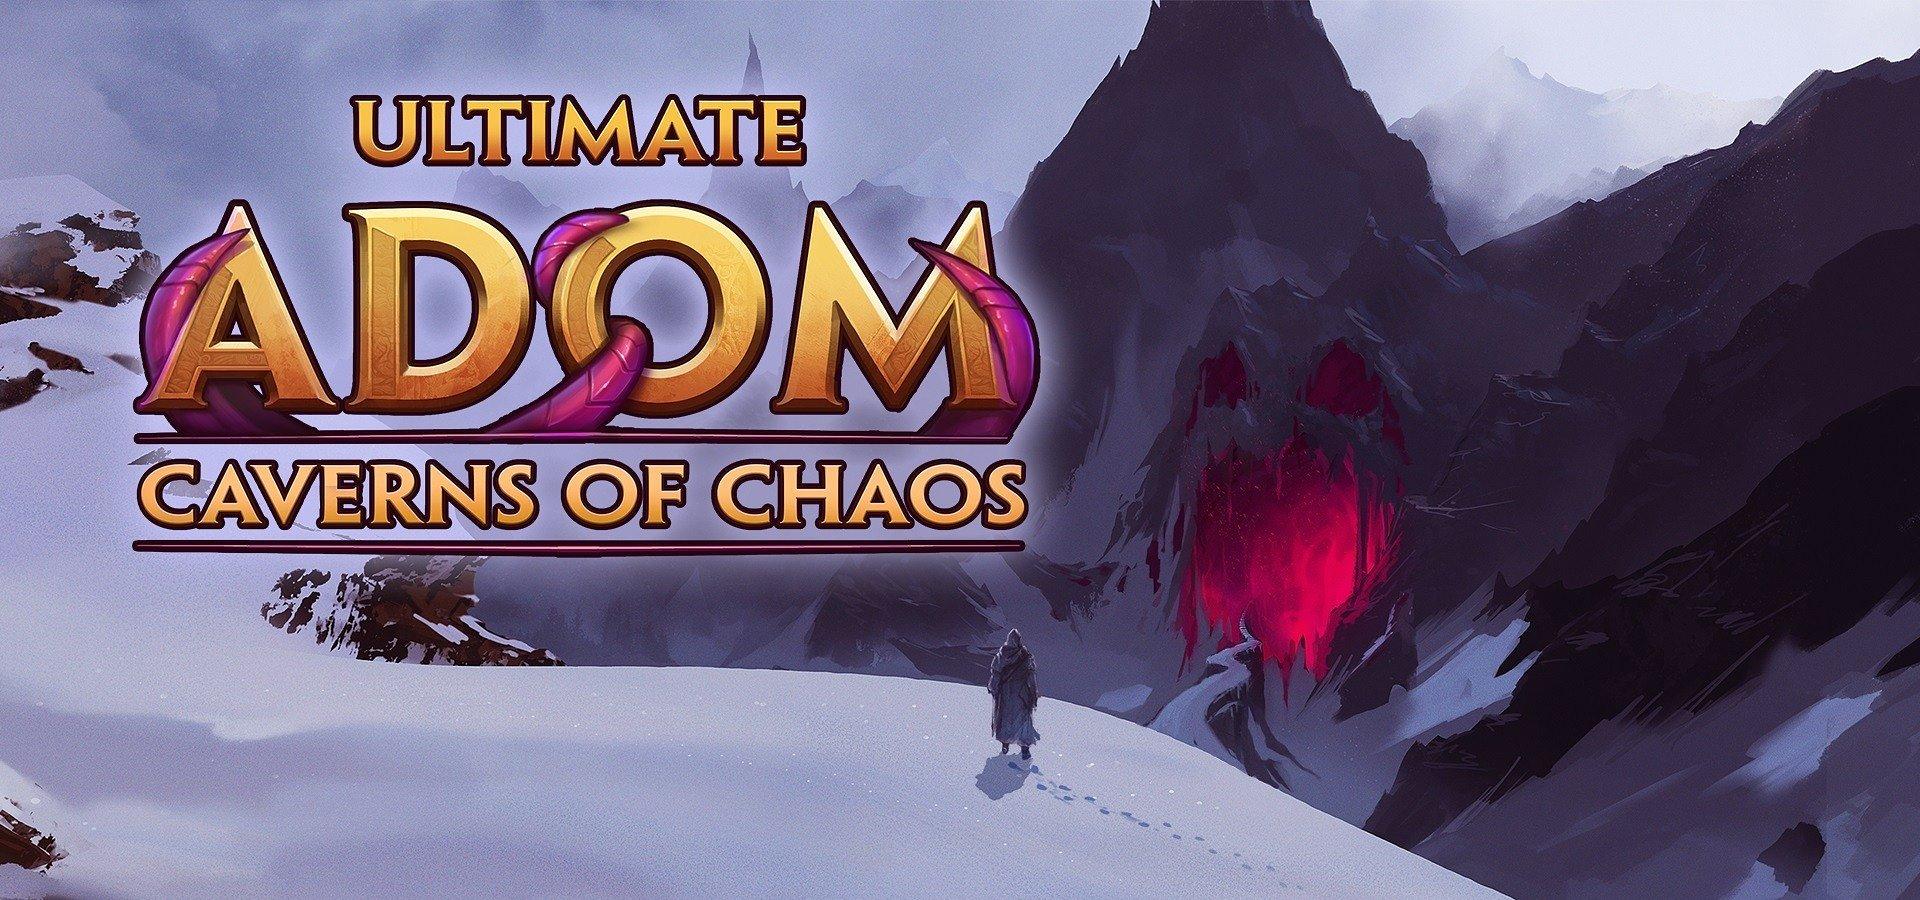 Ultimate ADOM: Caverns of Chaos - nowoczesne podejście do tradycyjnej gry roguelike już niedługo trafi do Wczesnego Dostępu